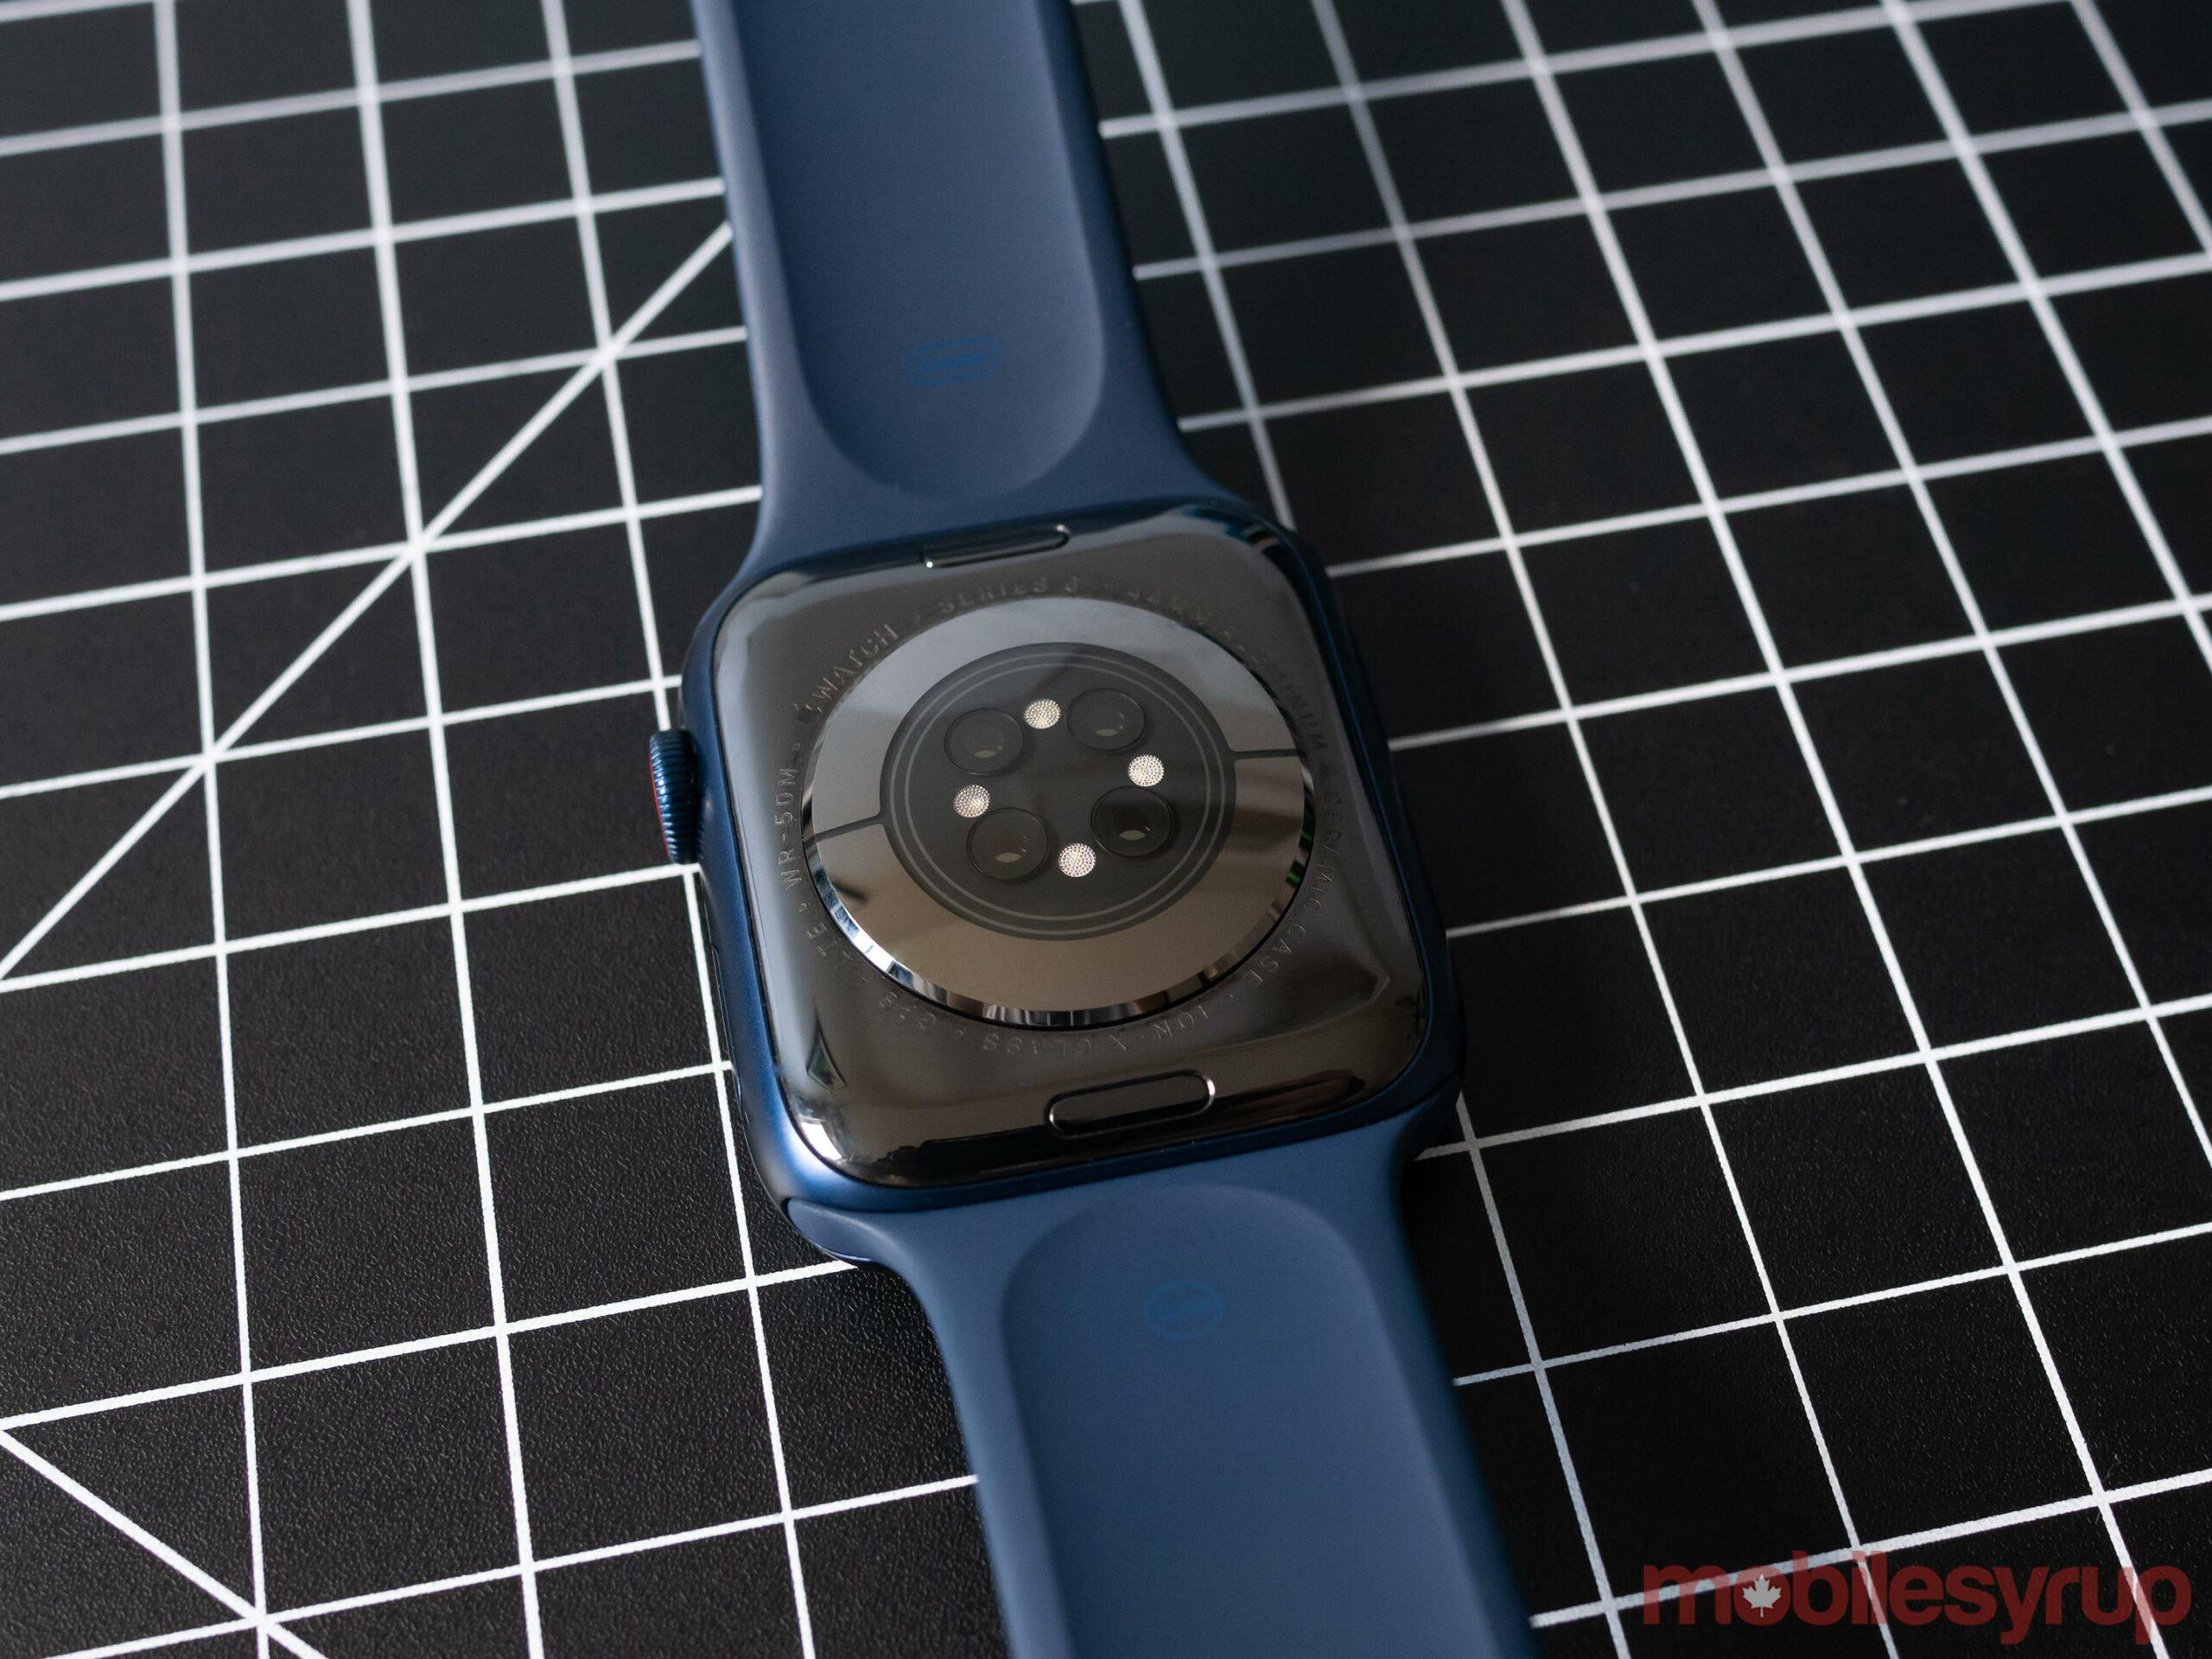 Apple Watch Series 6 rear